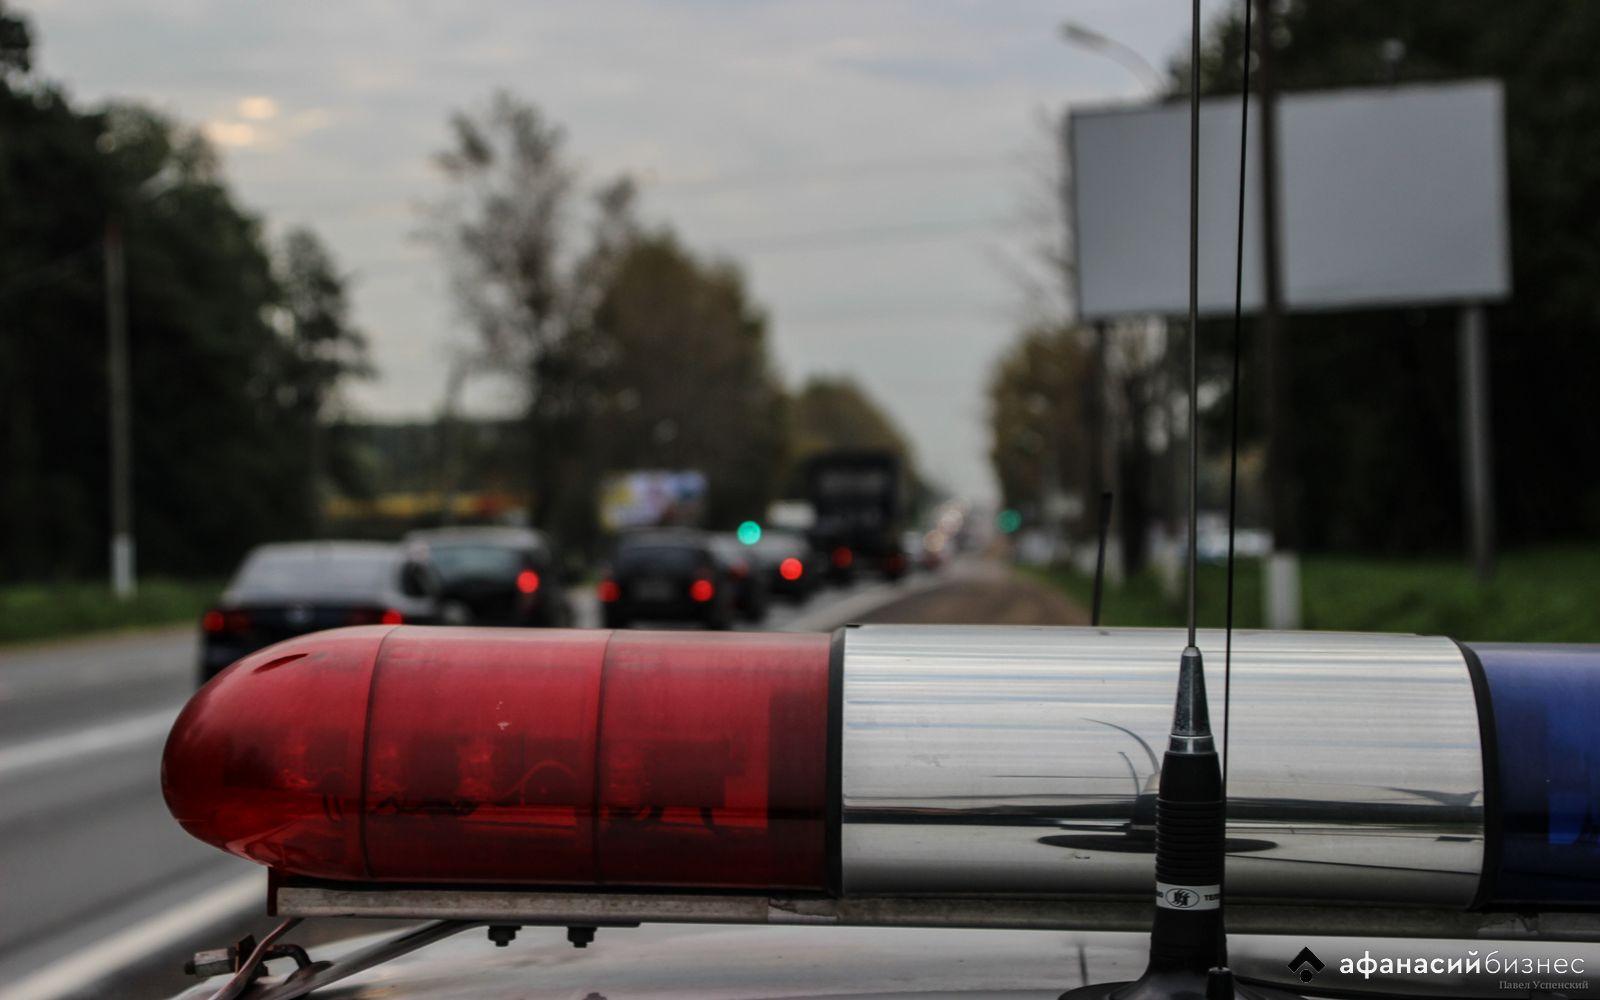 Под Тверью нетрезвый водитель прикинулся пассажиром, заметив на дороге экипаж ДПС - новости Афанасий